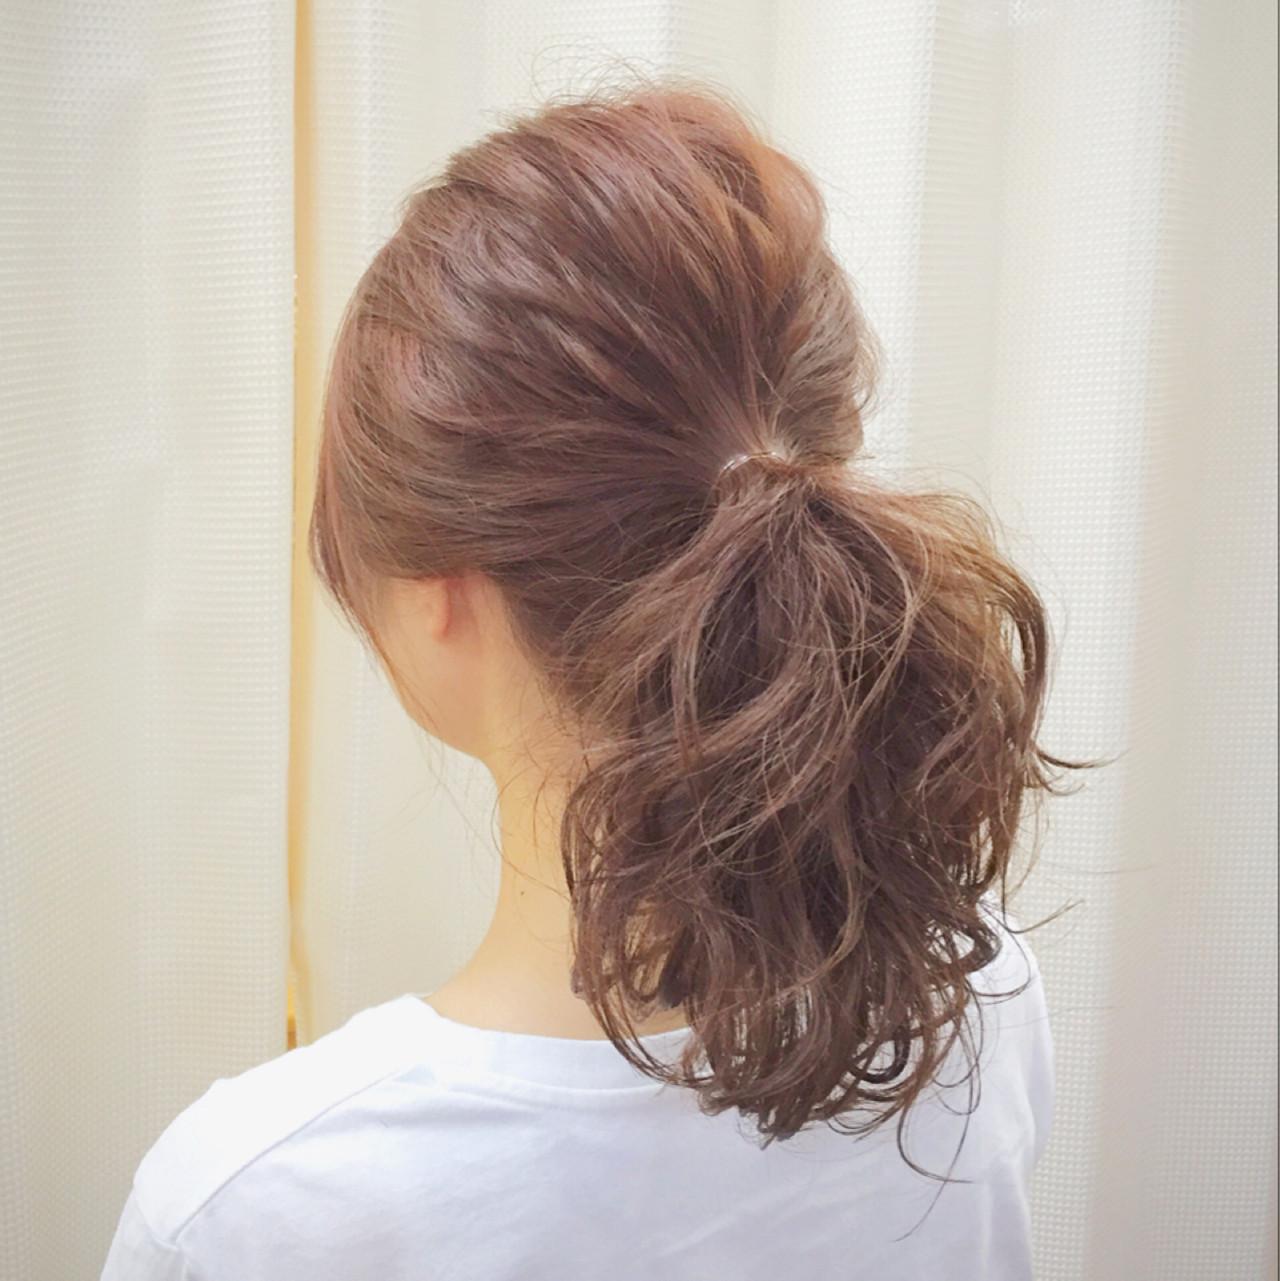 ポニーテール ナチュラル ミディアム 簡単ヘアアレンジ ヘアスタイルや髪型の写真・画像